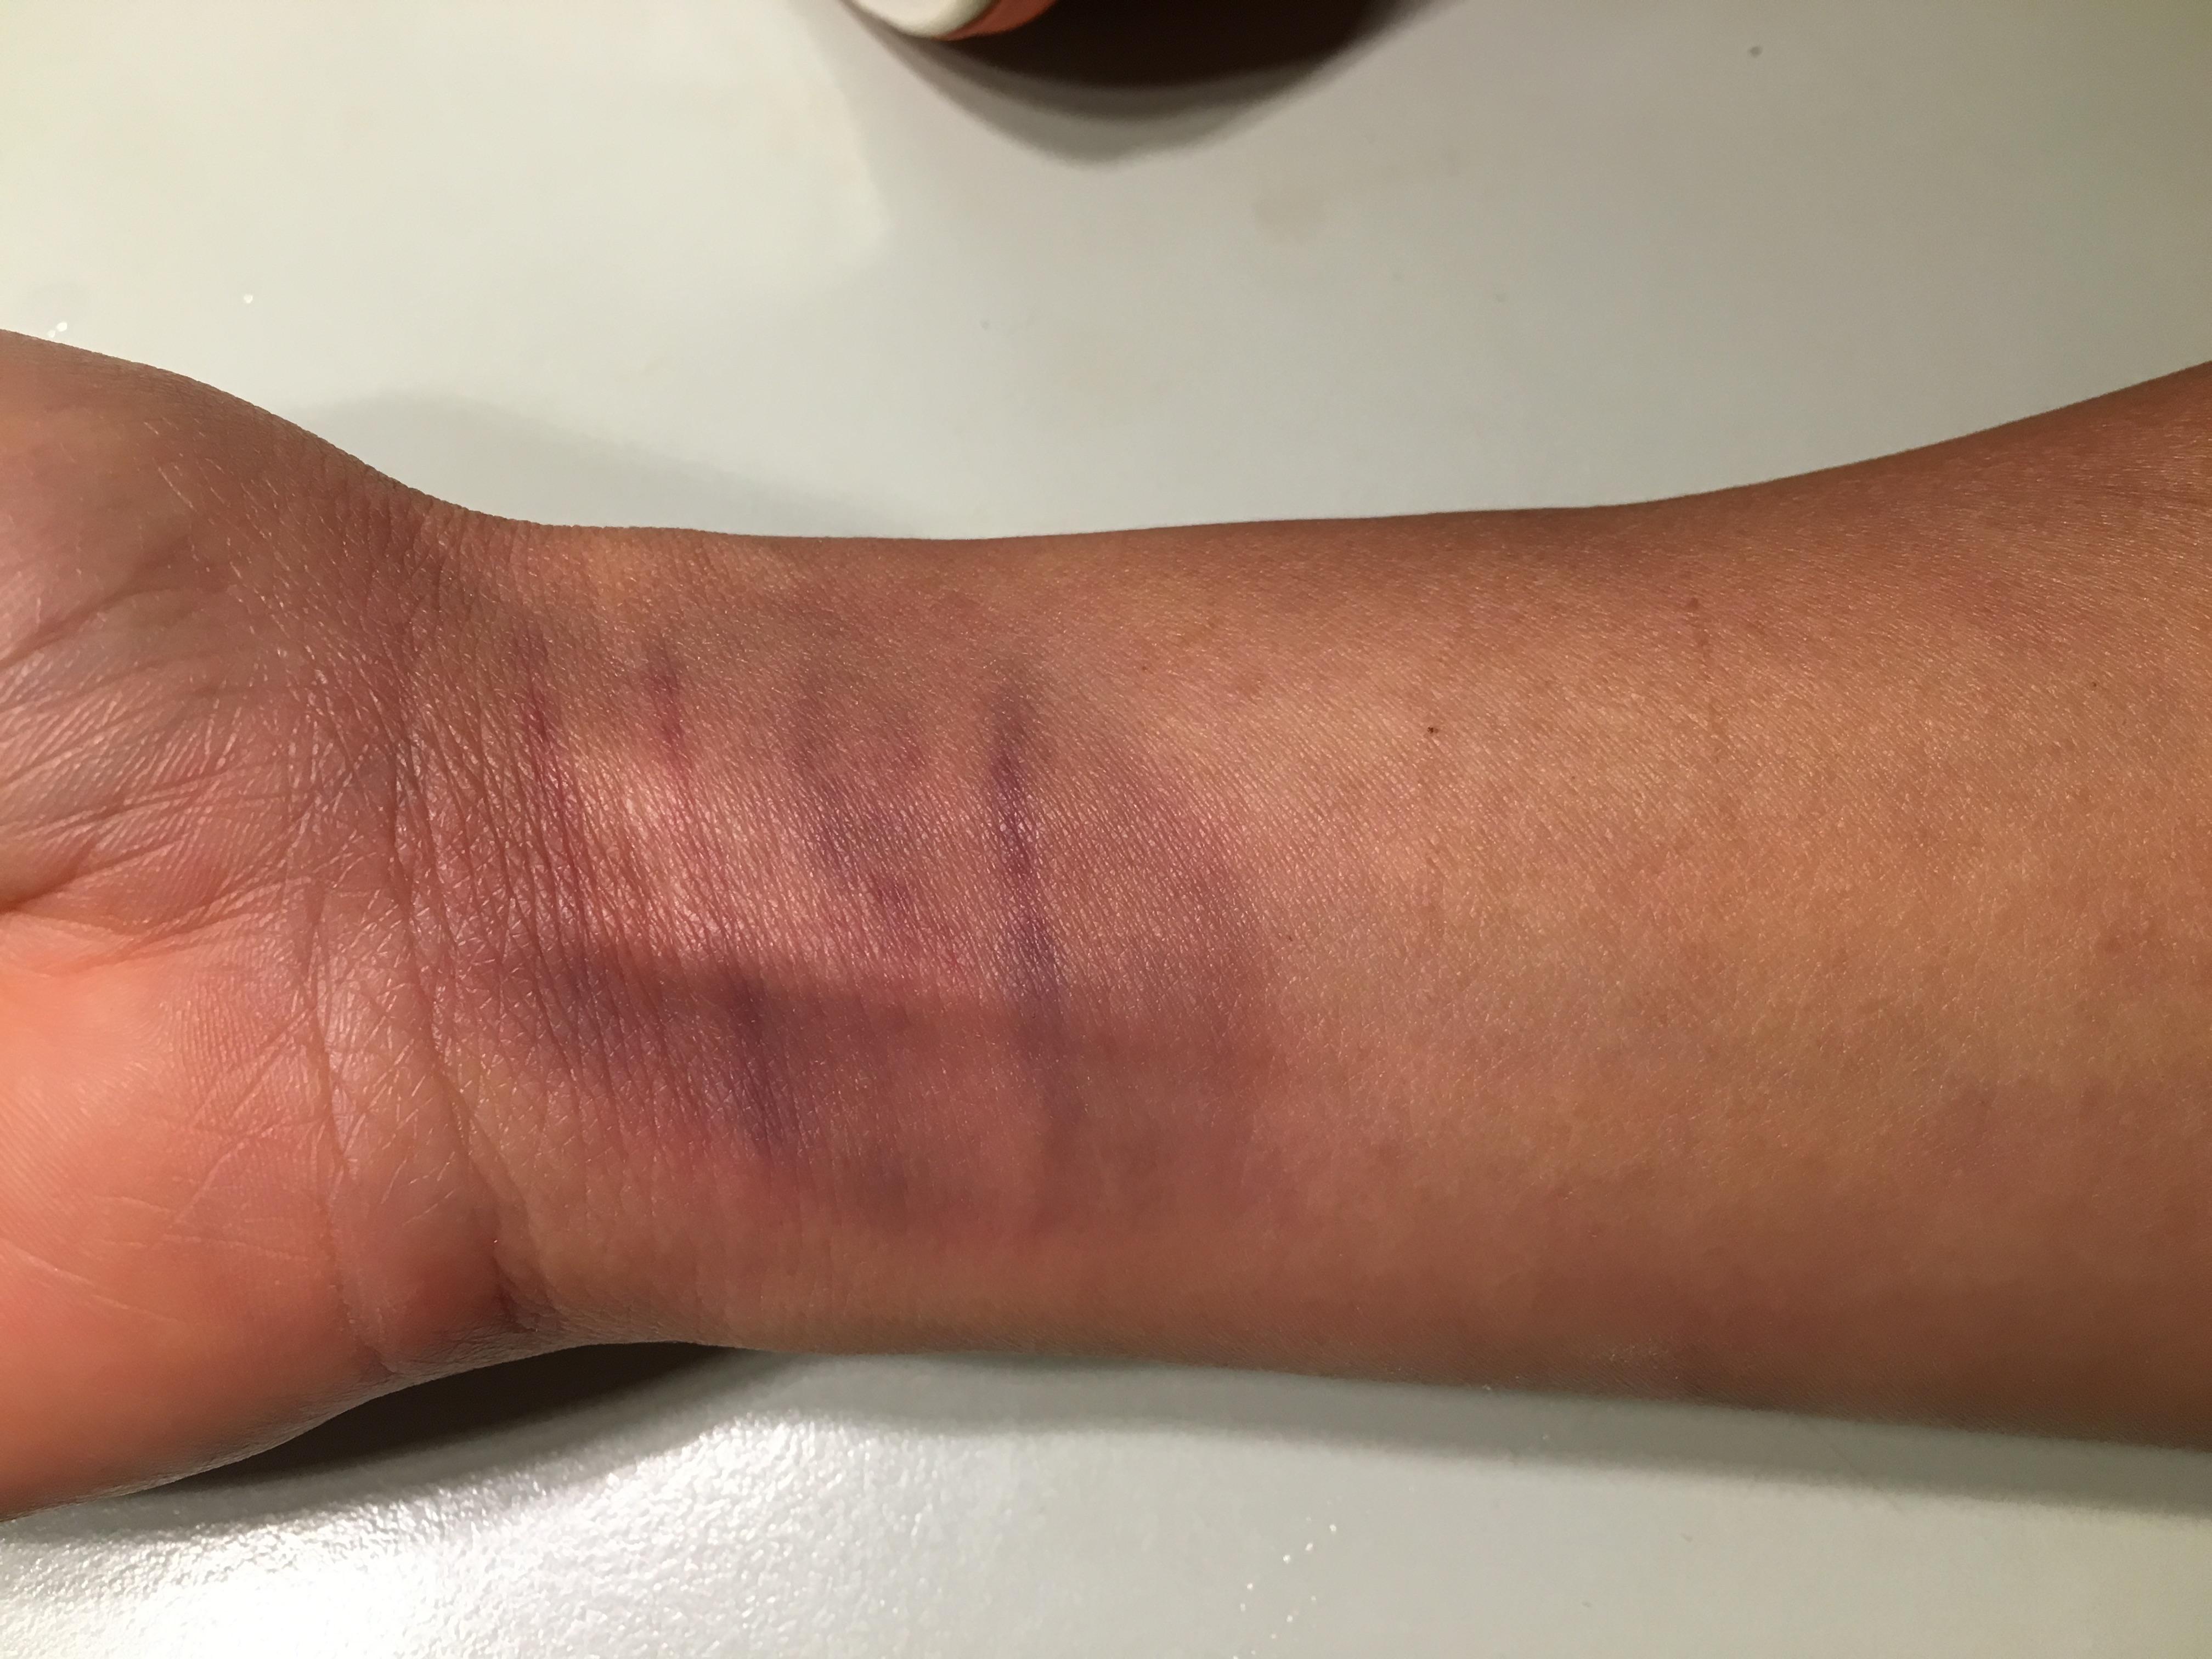 Blauer Fleck am Handgelenk ohne Grund? (Medizin, Schmerzen)